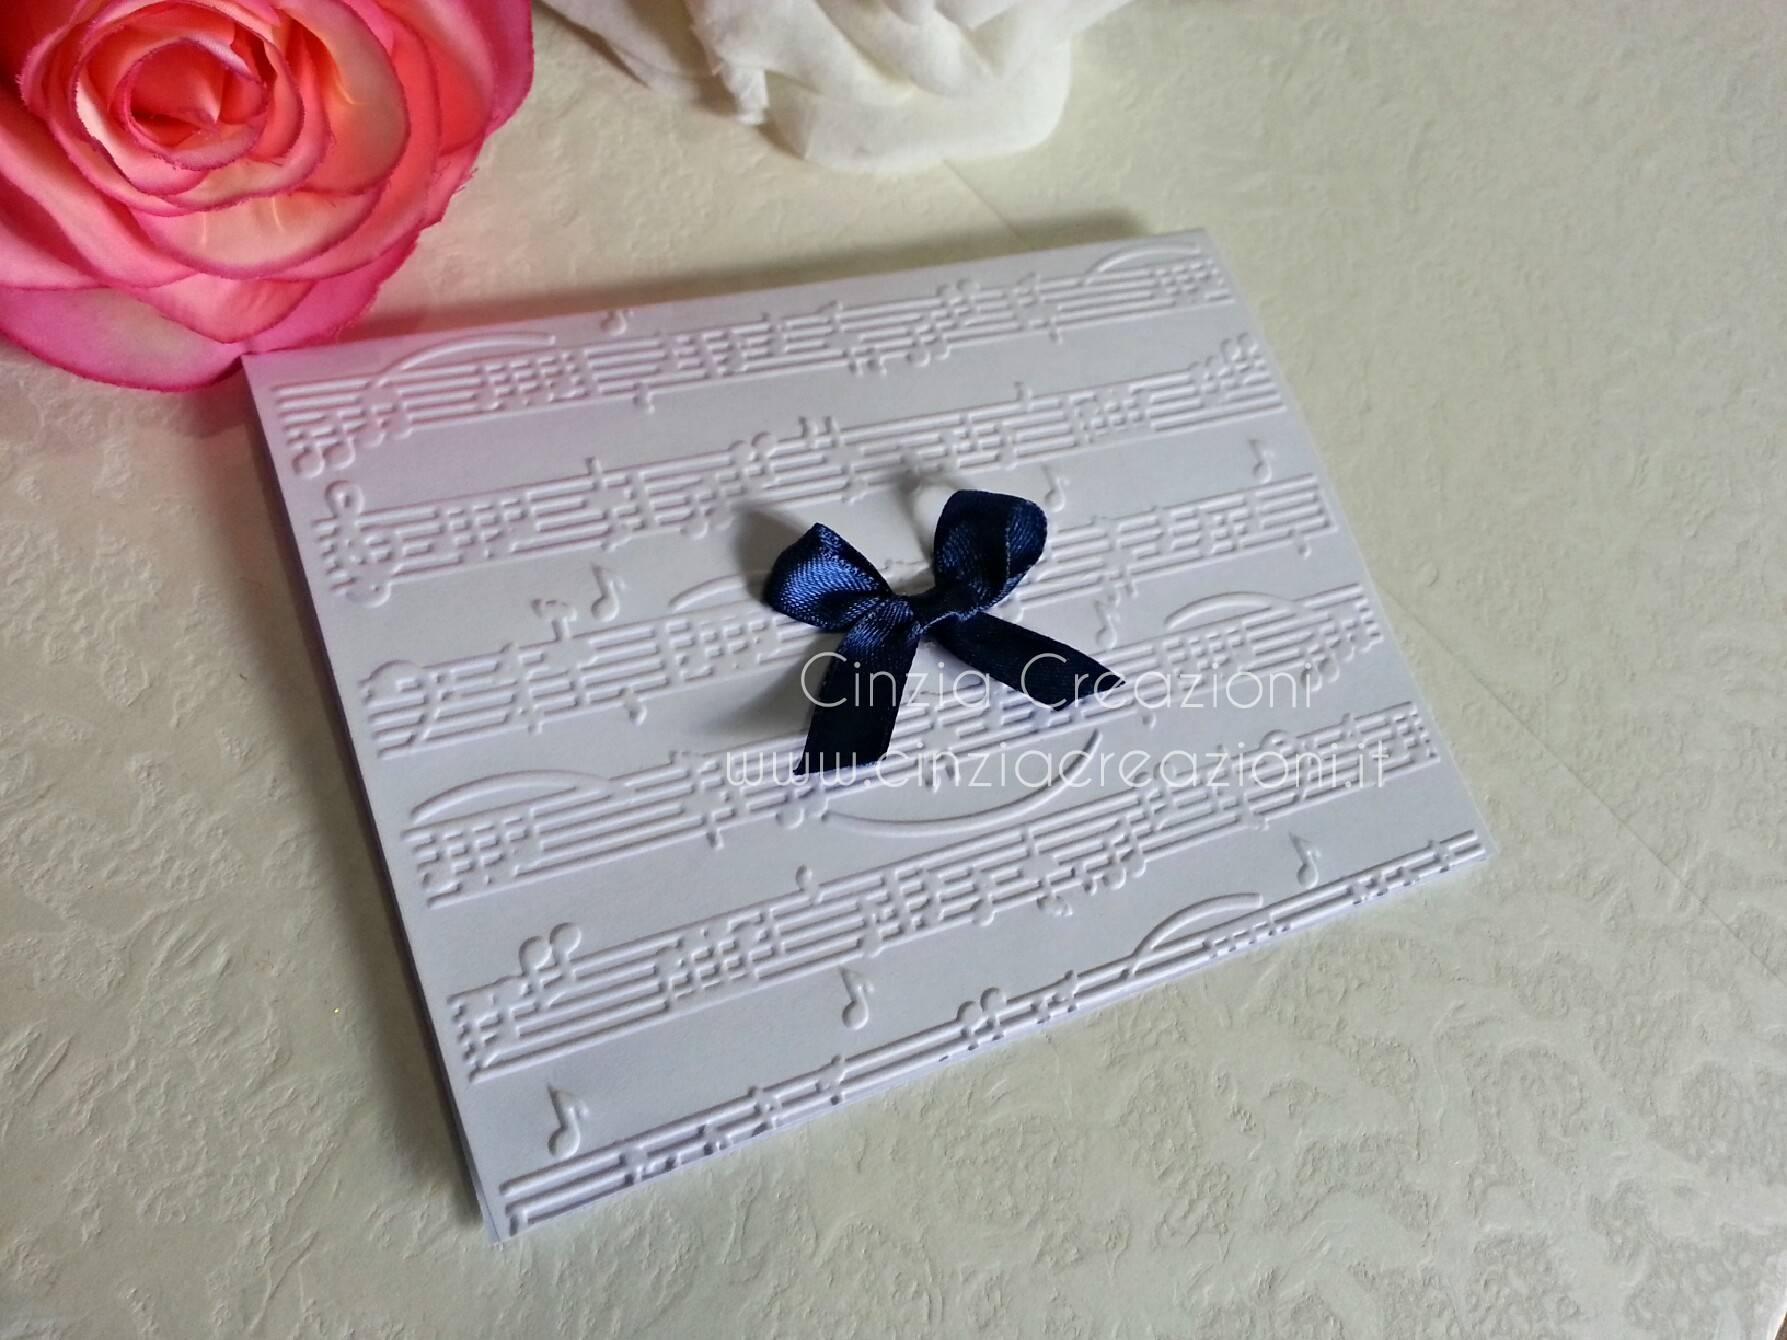 Invito Nozze Tema Musica